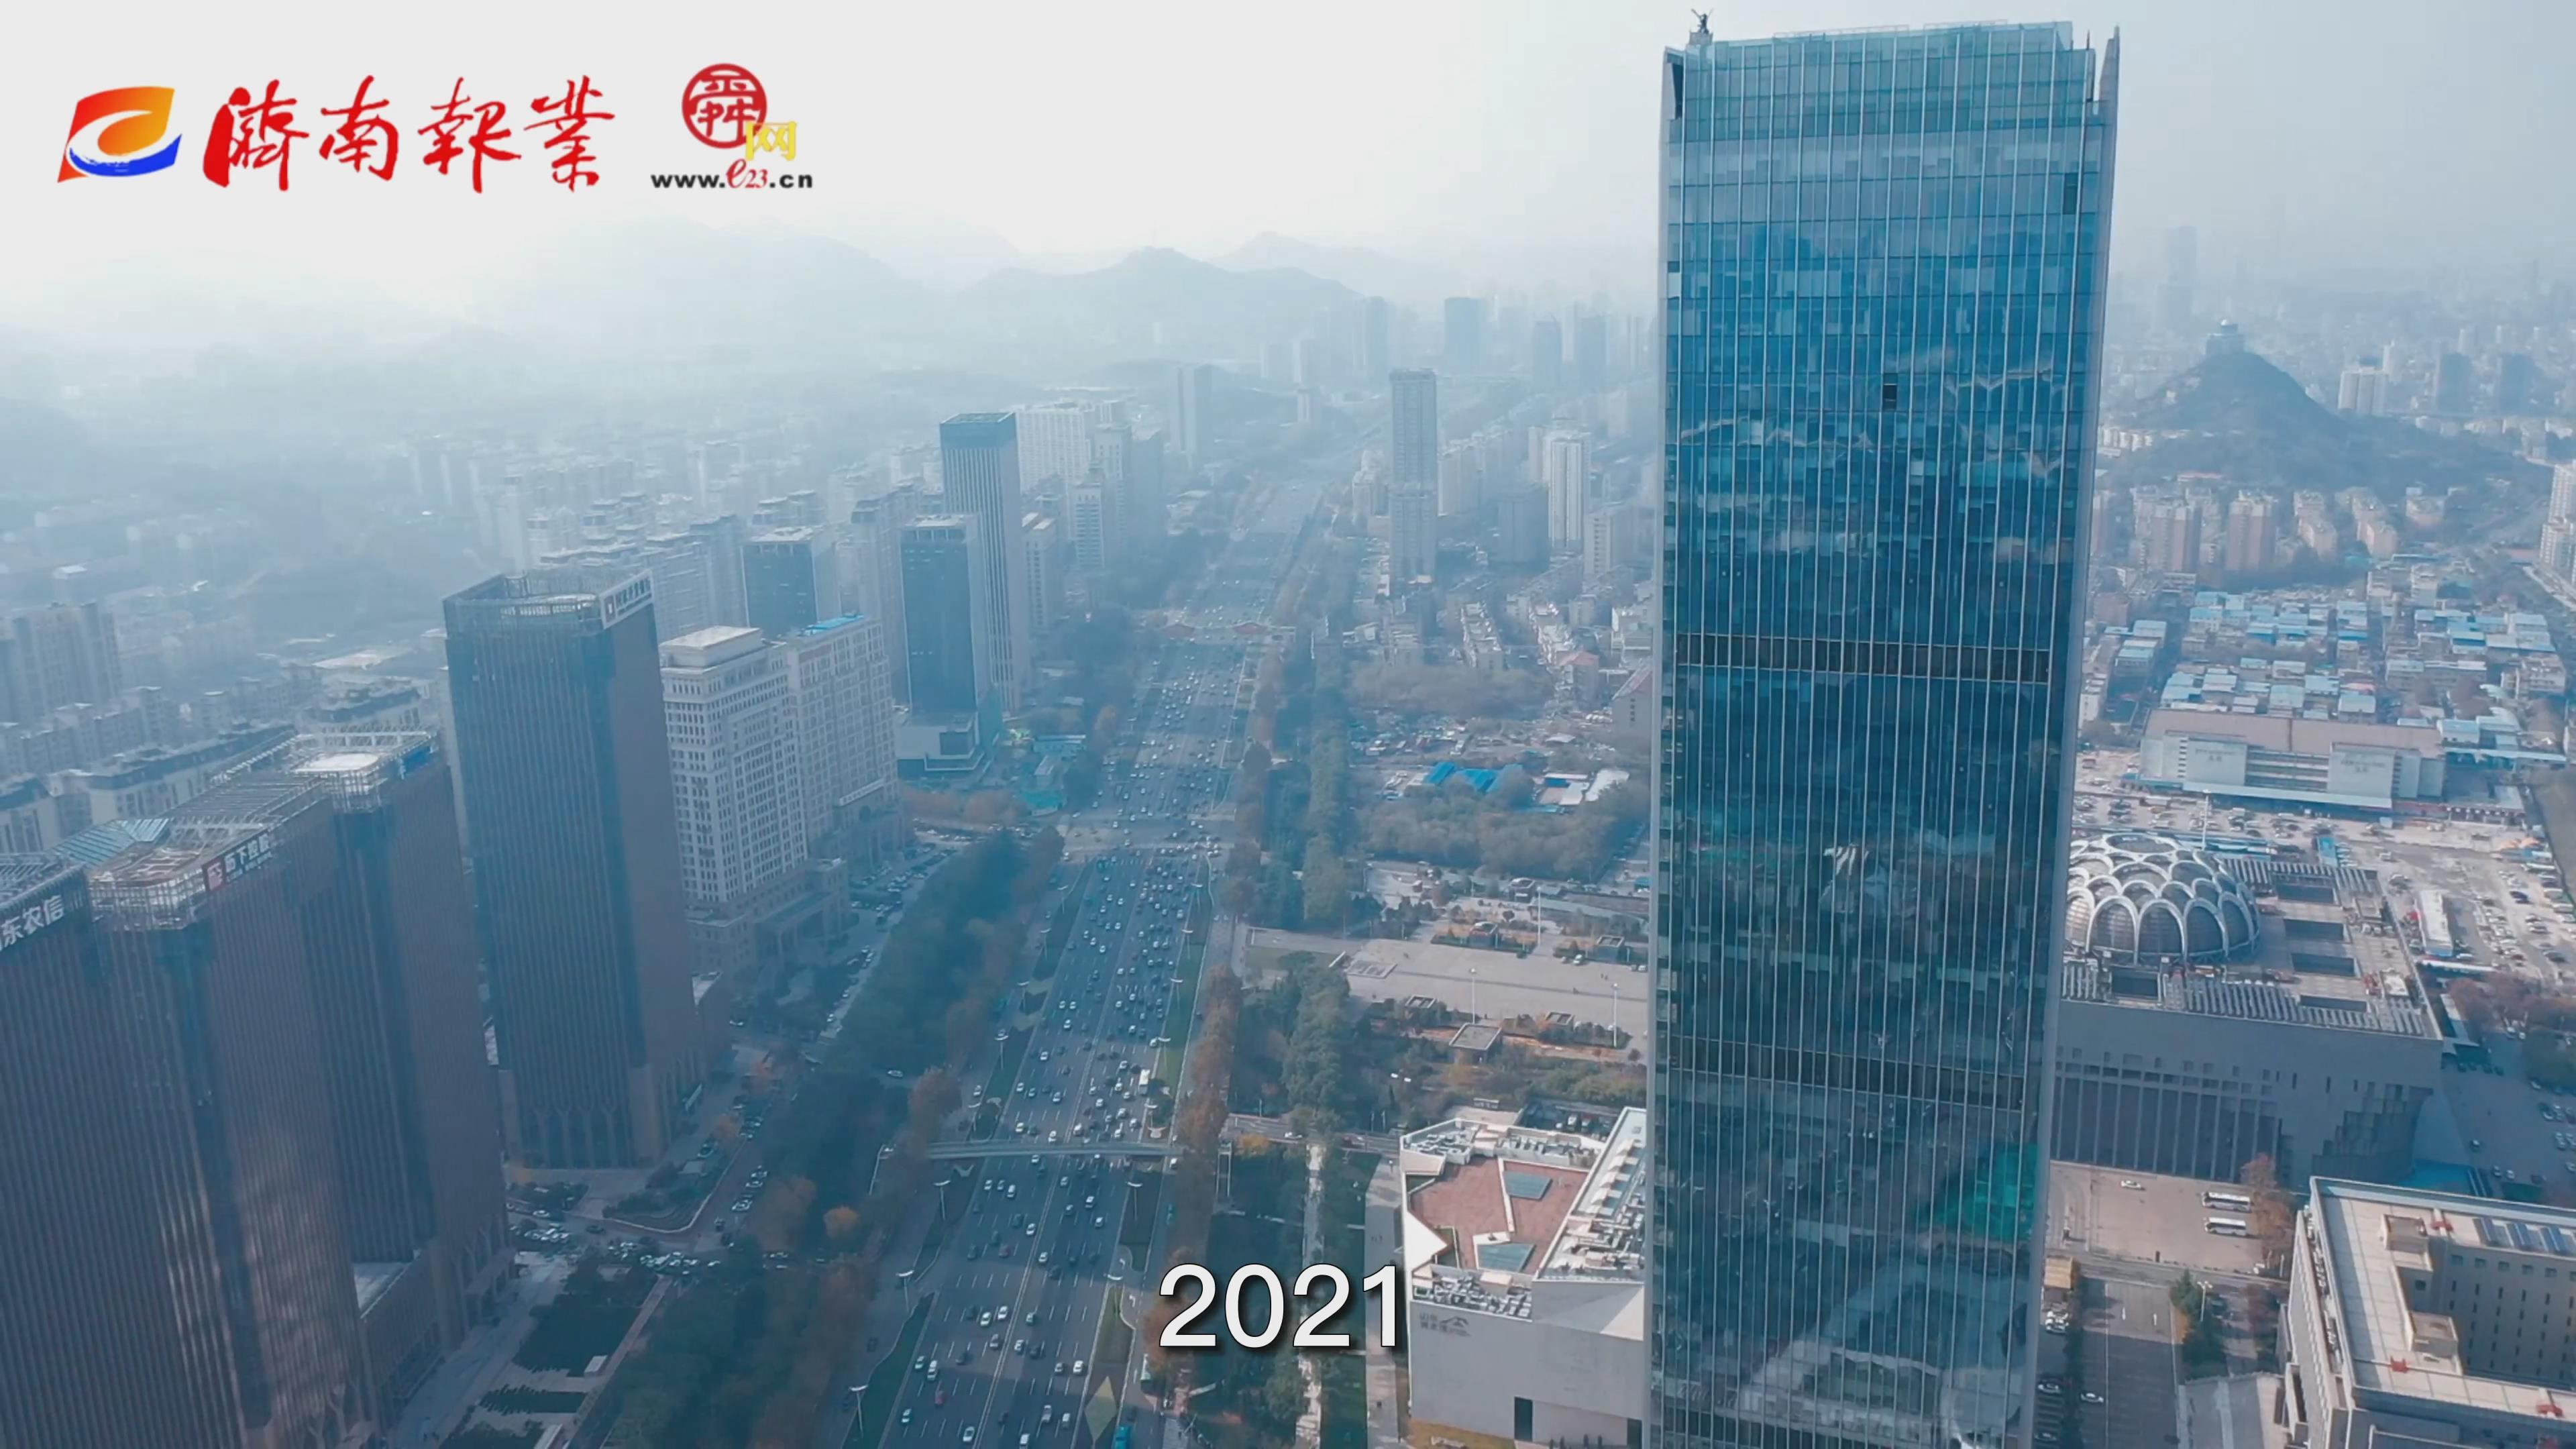 """【舜网视频】2020实""""鼠""""不易,2021""""牛""""转乾坤"""